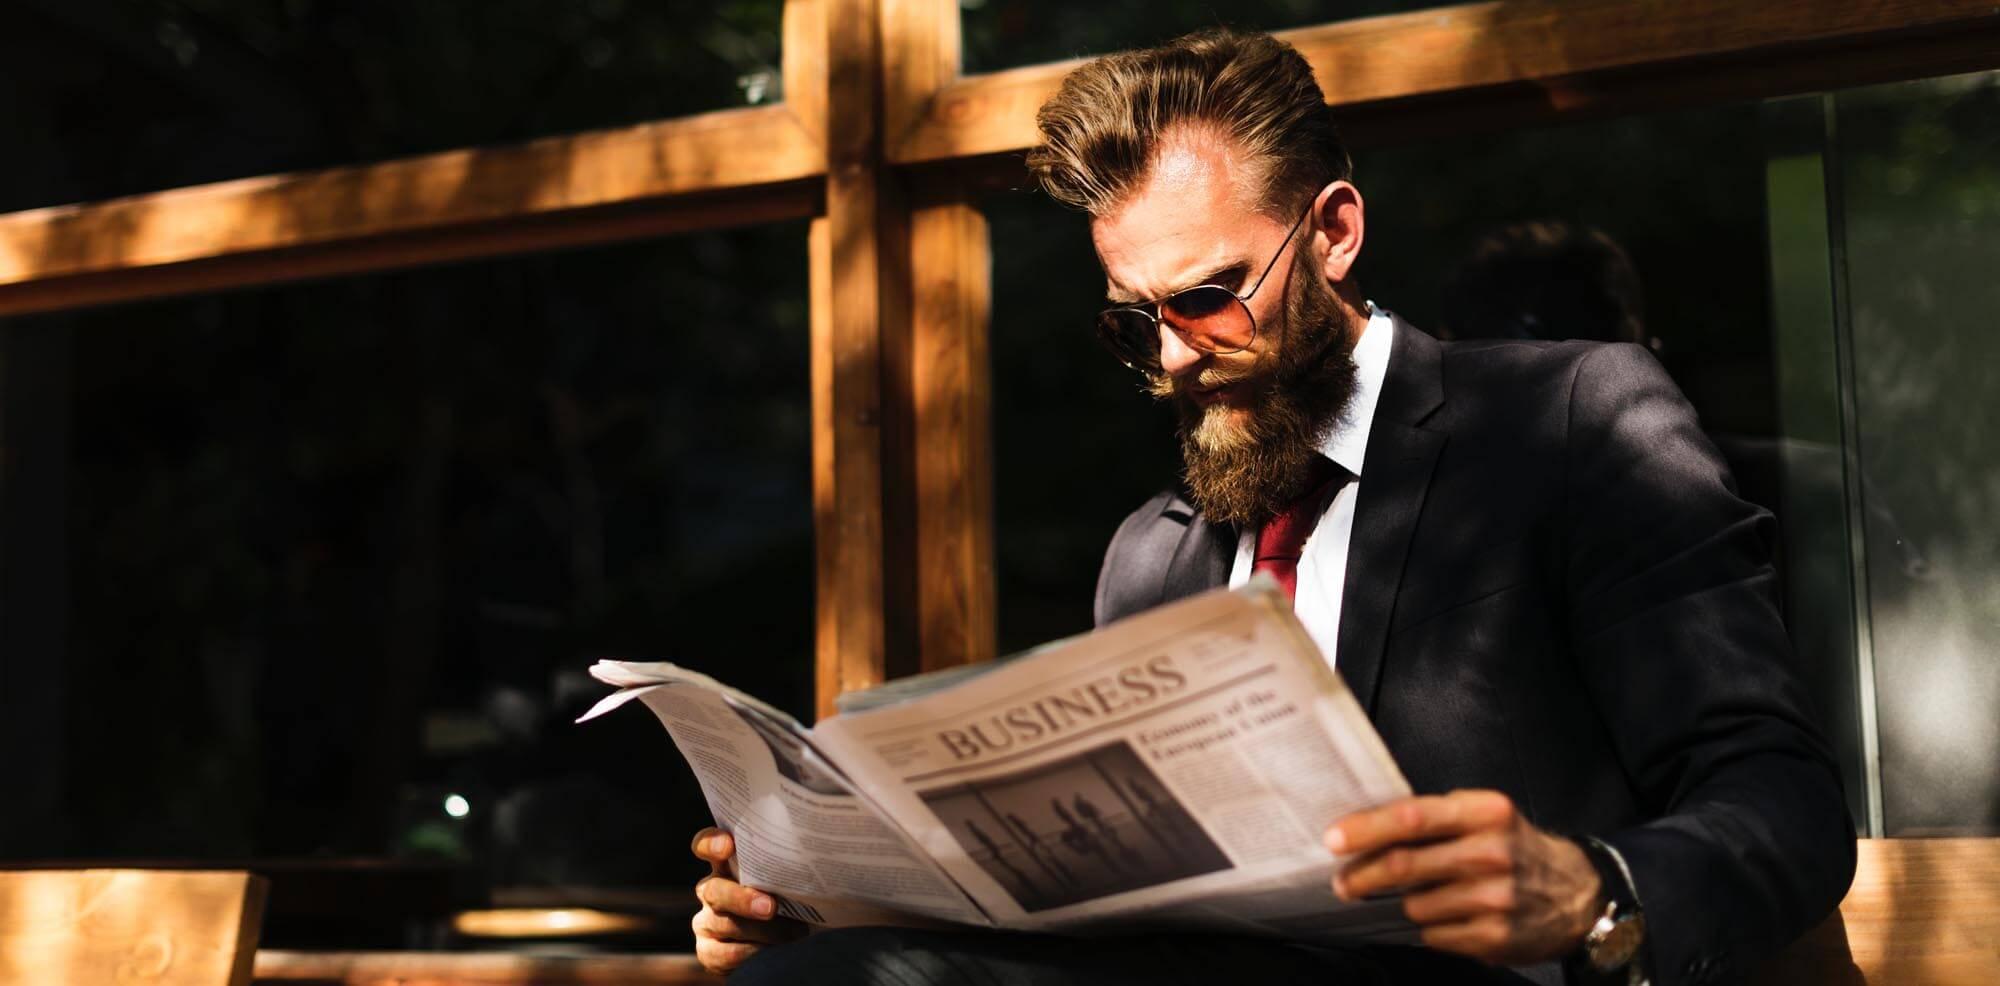 latelierco-coiffure-homme-les-essarts-le-roi